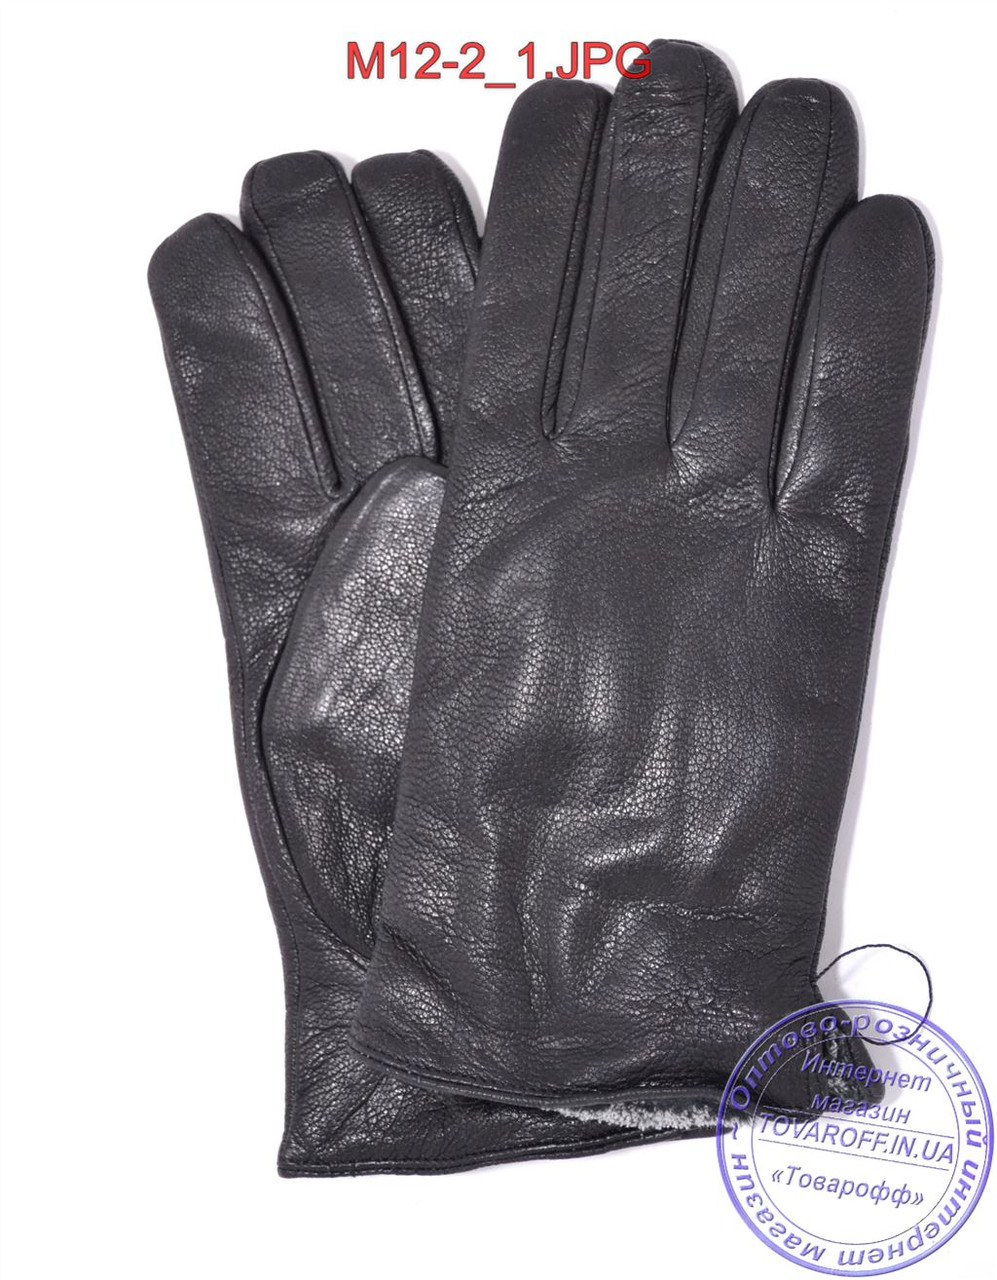 Мужские кожаные перчатки из оленьей кожи с махровой подкладкой - №M12-2